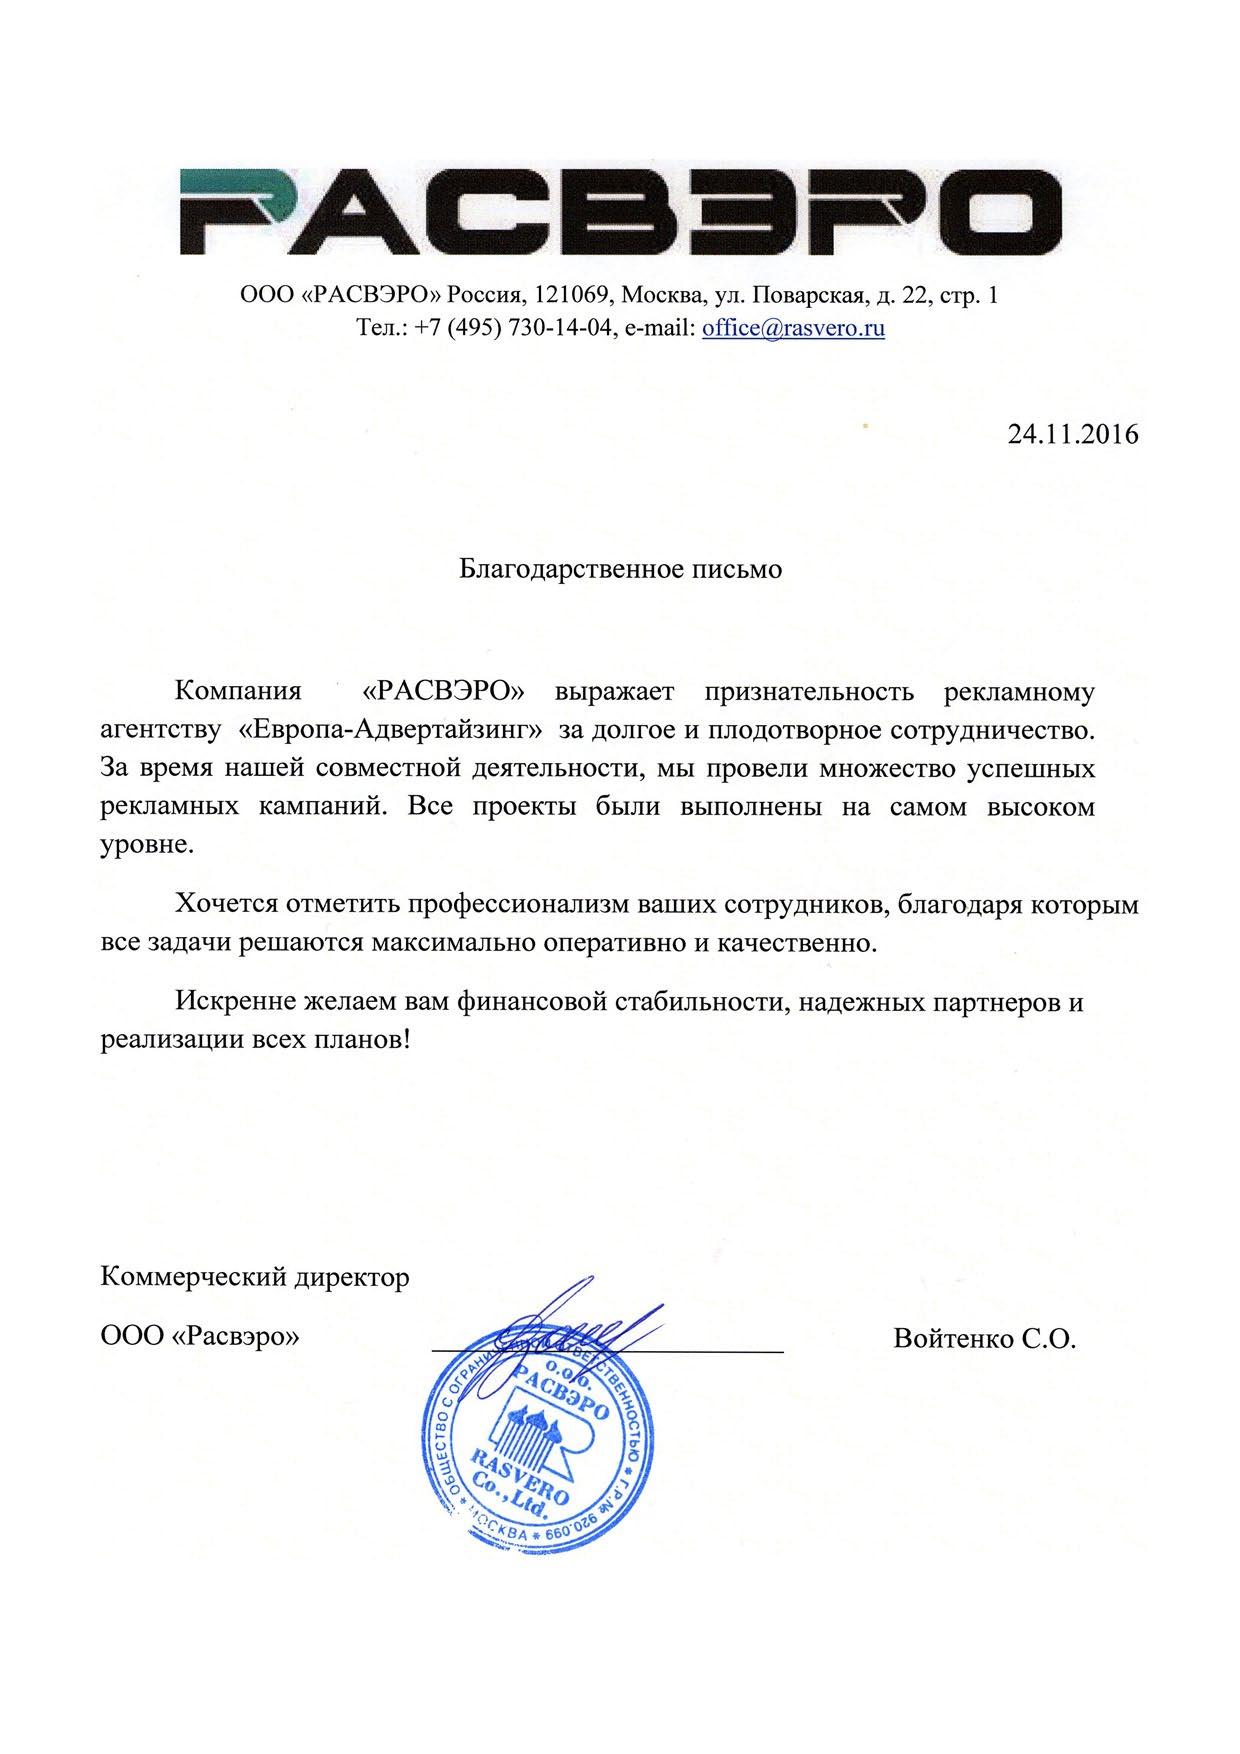 """Отзыв от компании """"ООО РАСВЭРО"""""""